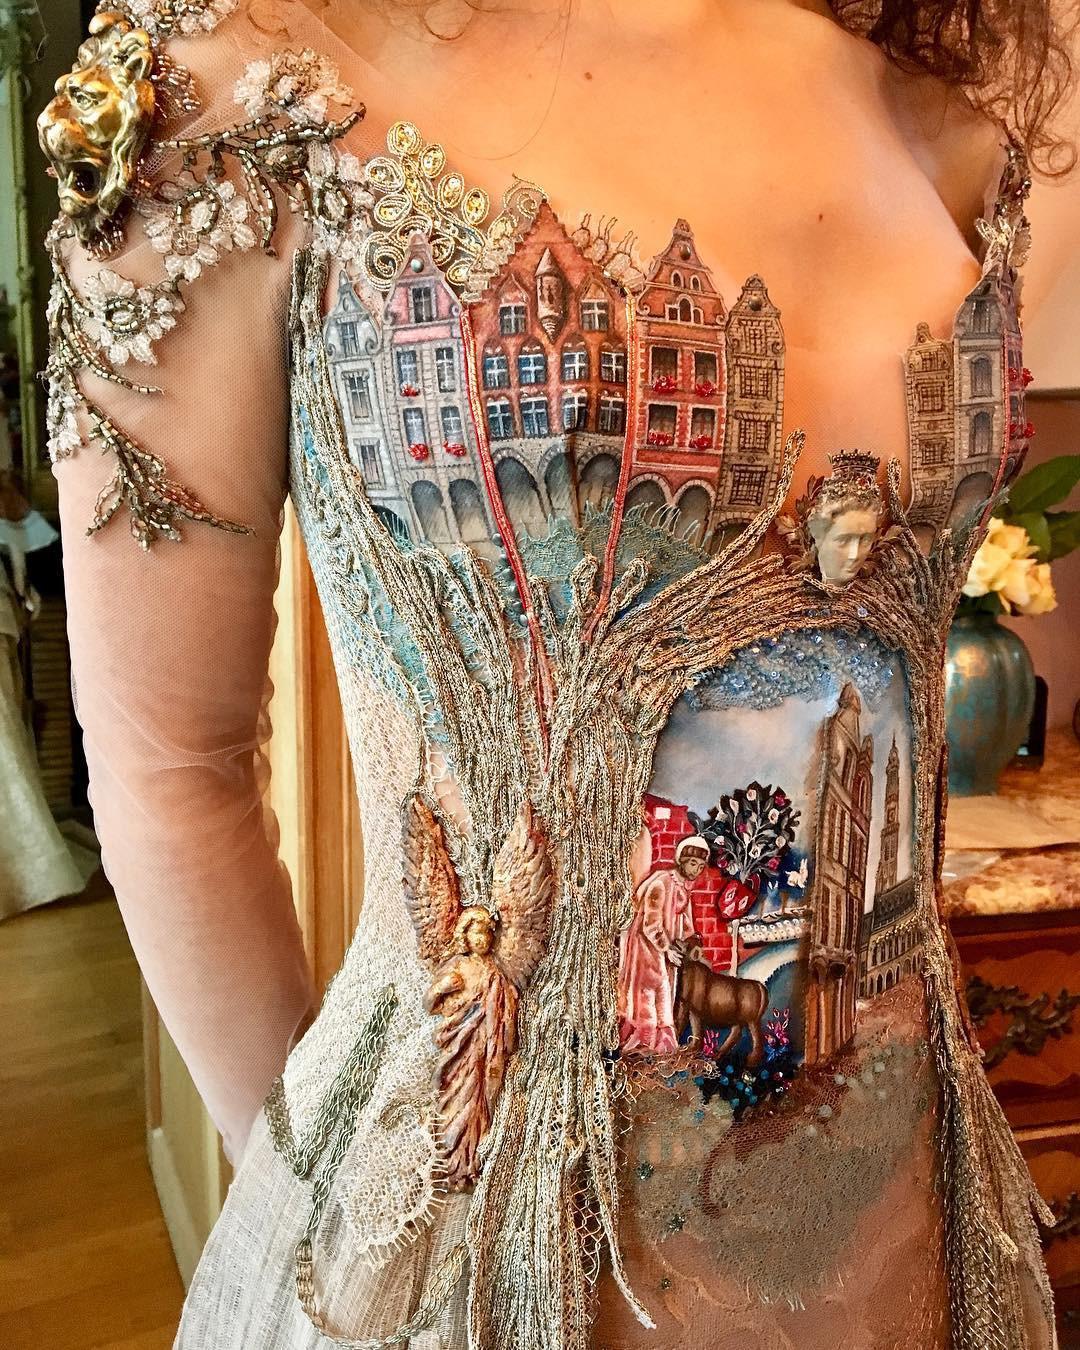 Chiêm ngưỡng những bộ váy dạ hội lồng lộn được tạo nên từ nguyên liệu tái chế - Ảnh 1.